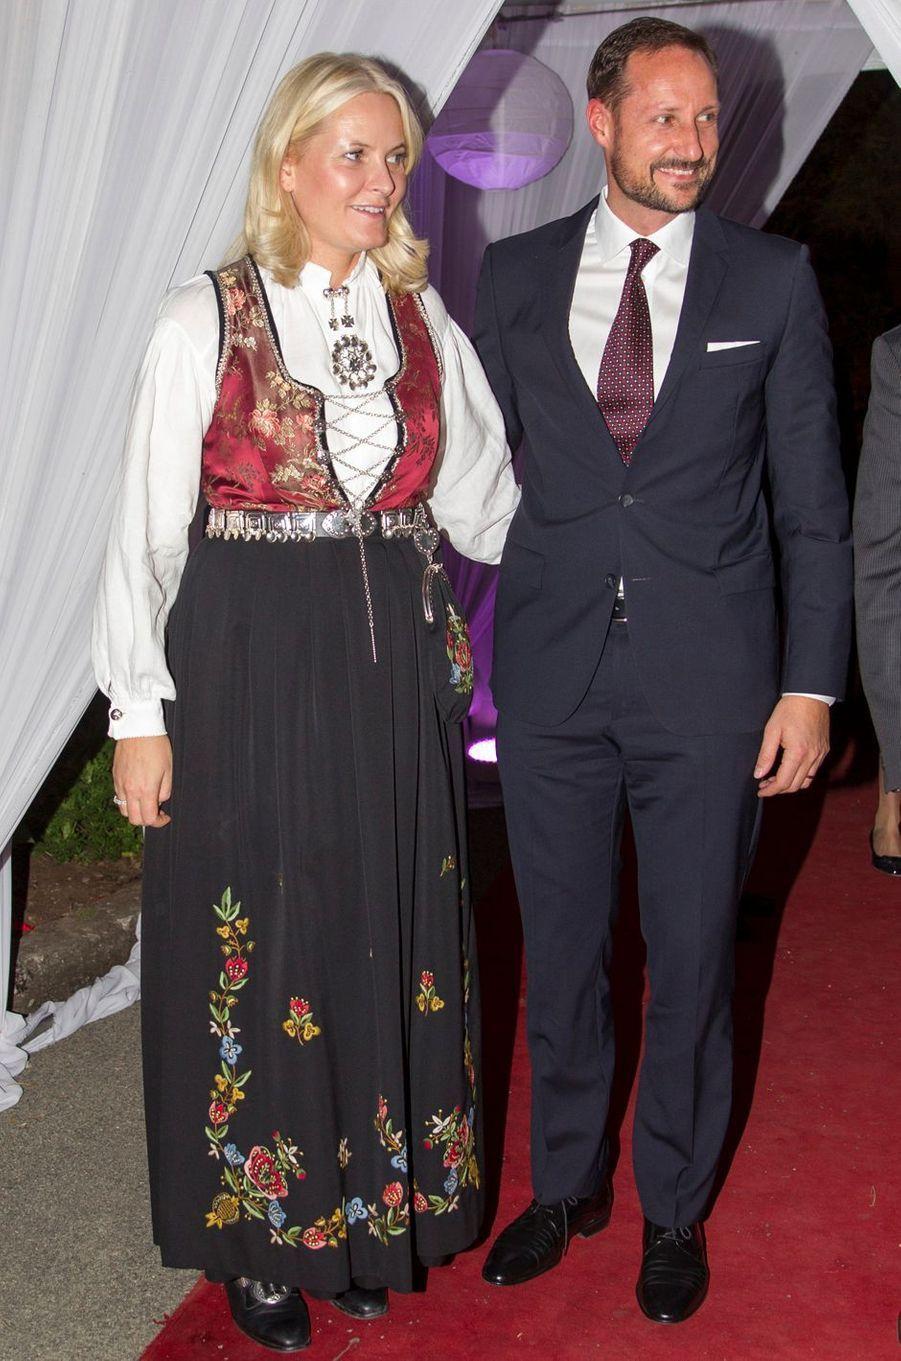 La princesse Mette-Marit et le prince Haakon de Norvège à Addis-Abeba, le 8 novembre 2017